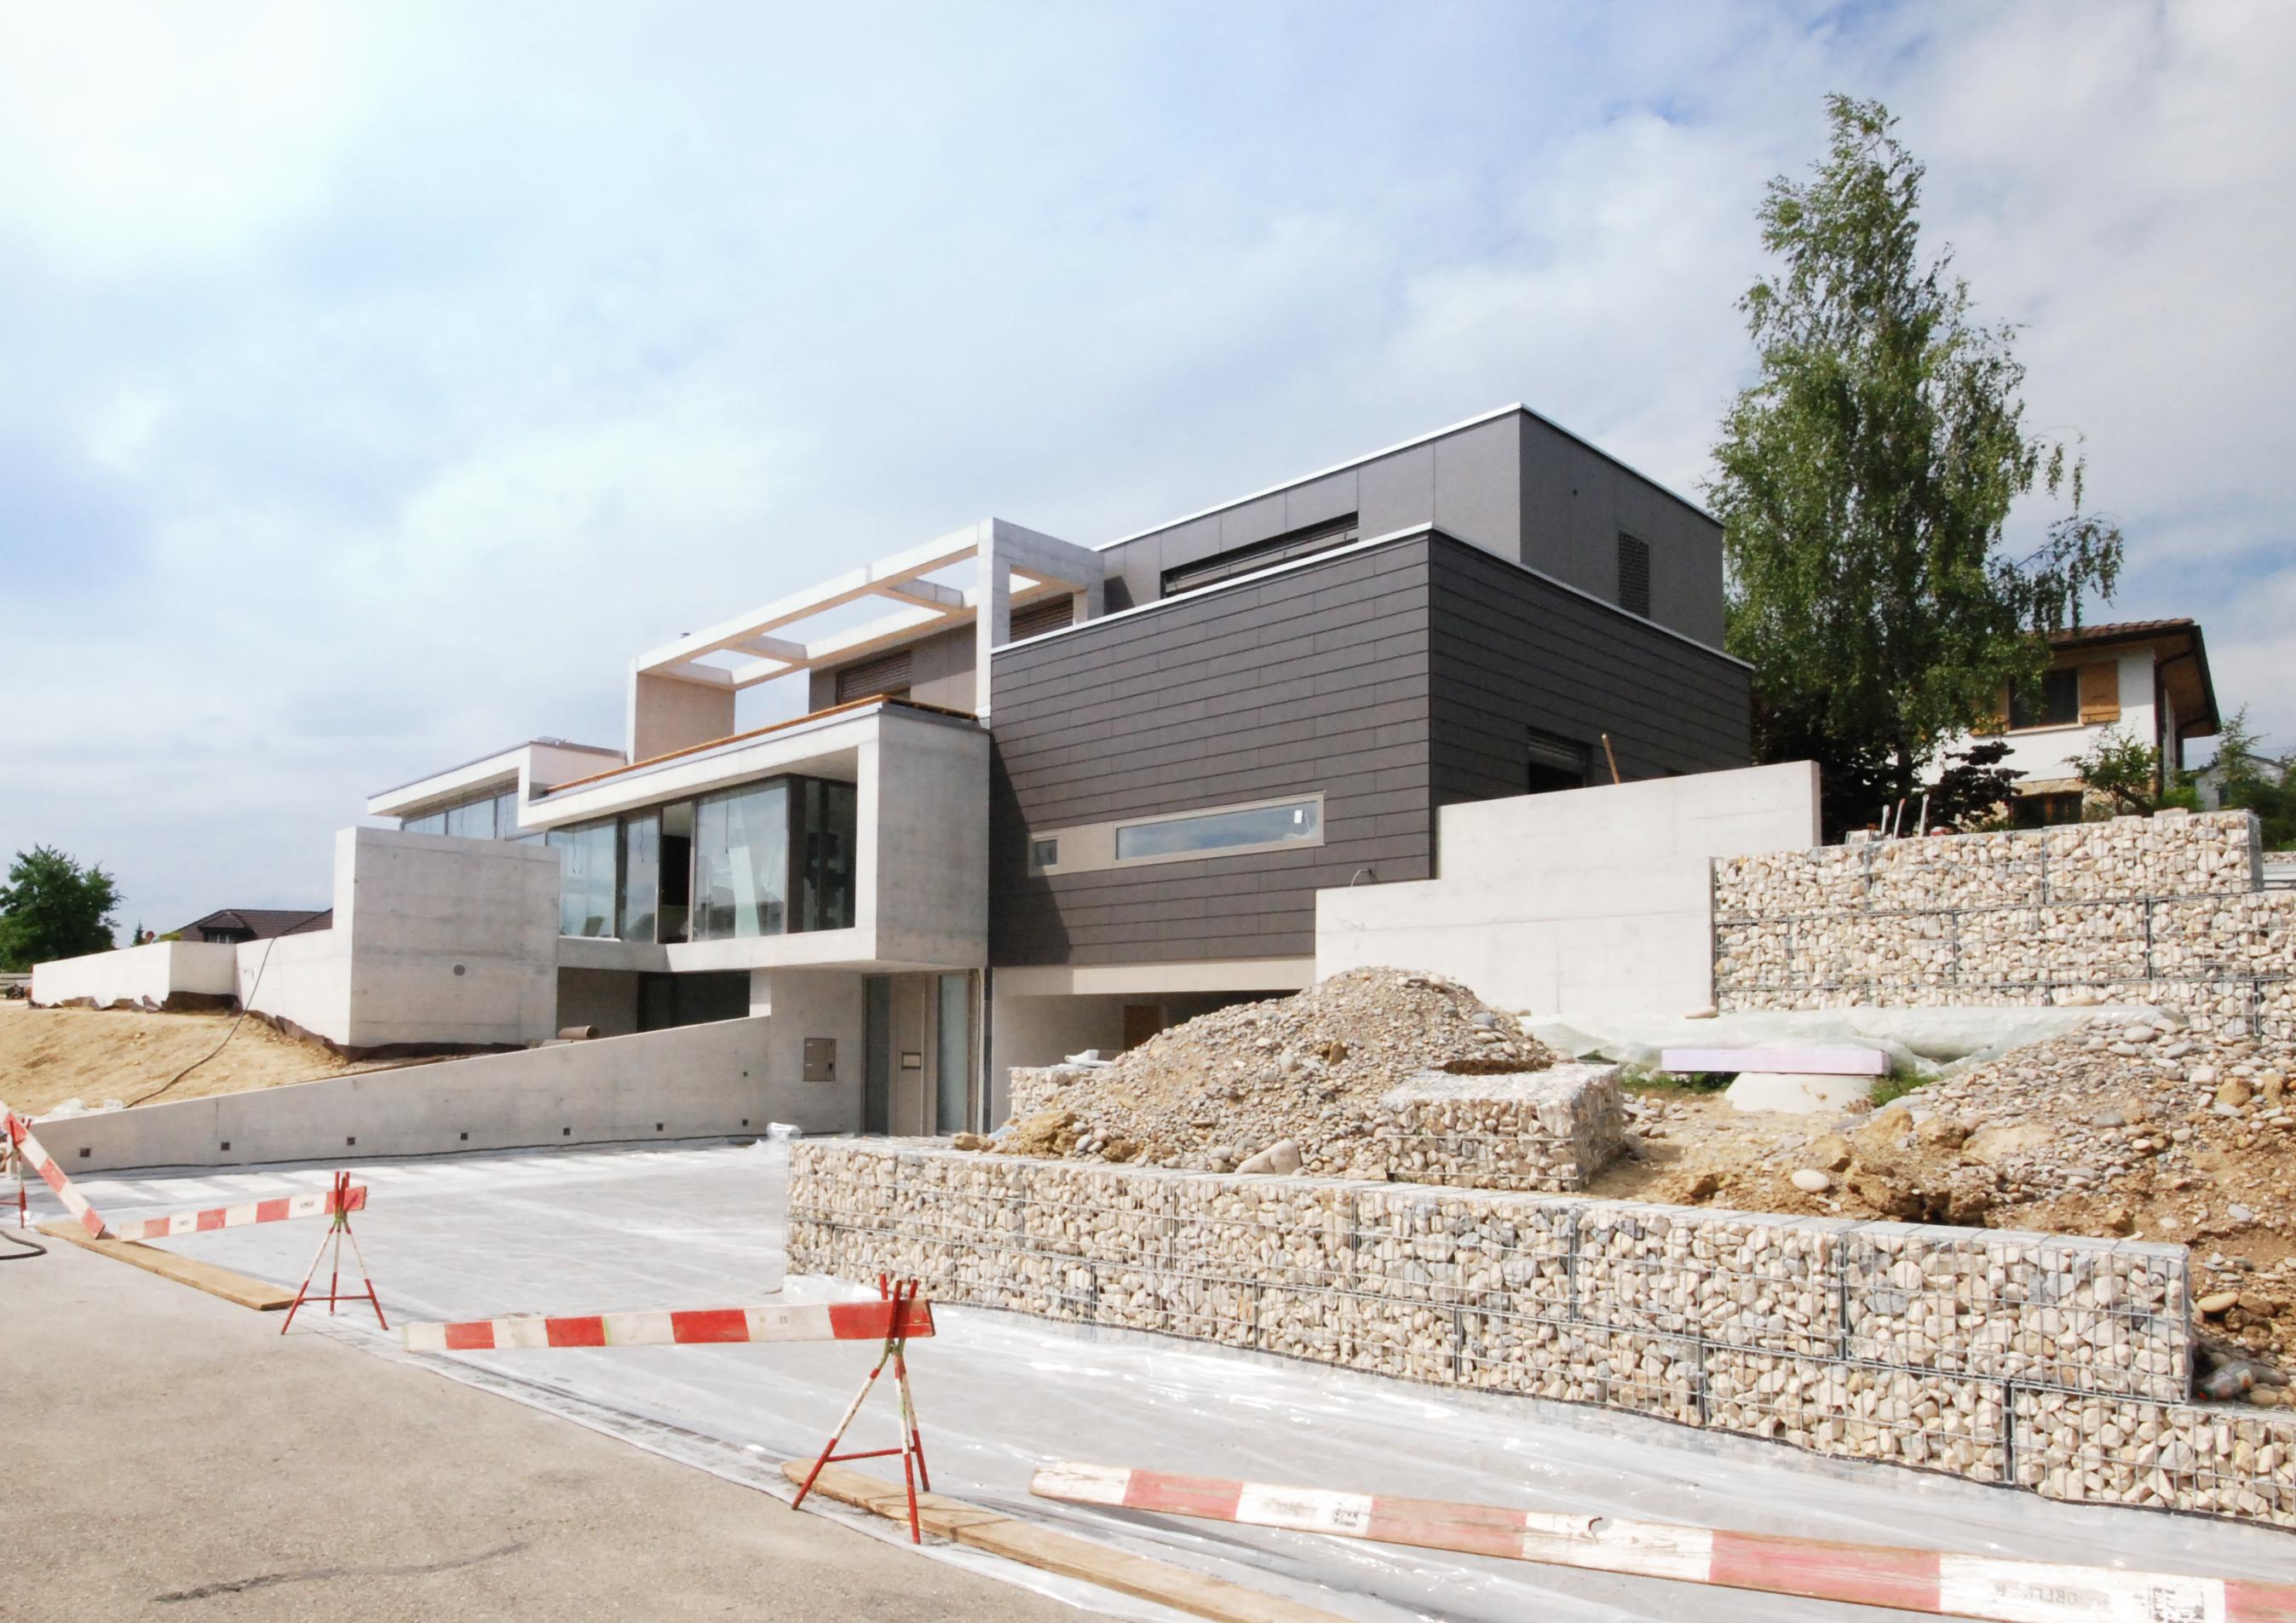 Innenarchitektur Oder Architektur architektur efh im fricktal innenarchitektur leitgedanke projekte